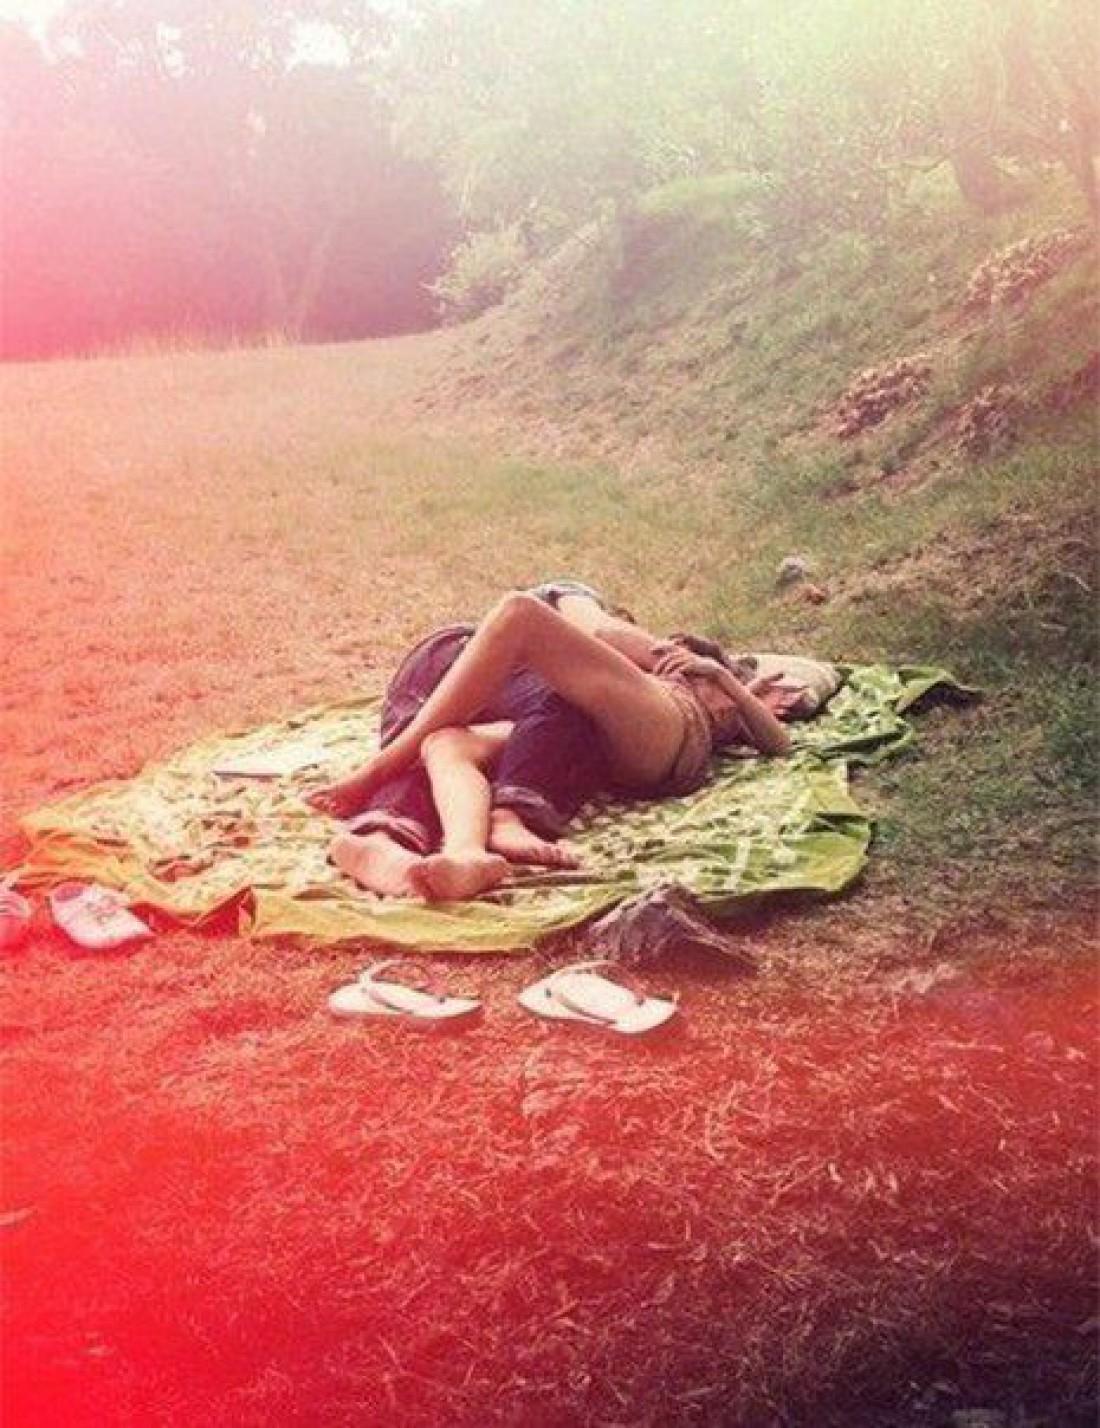 НЕобязательное условие: 7 вещей в сексе, от которых можно отказаться